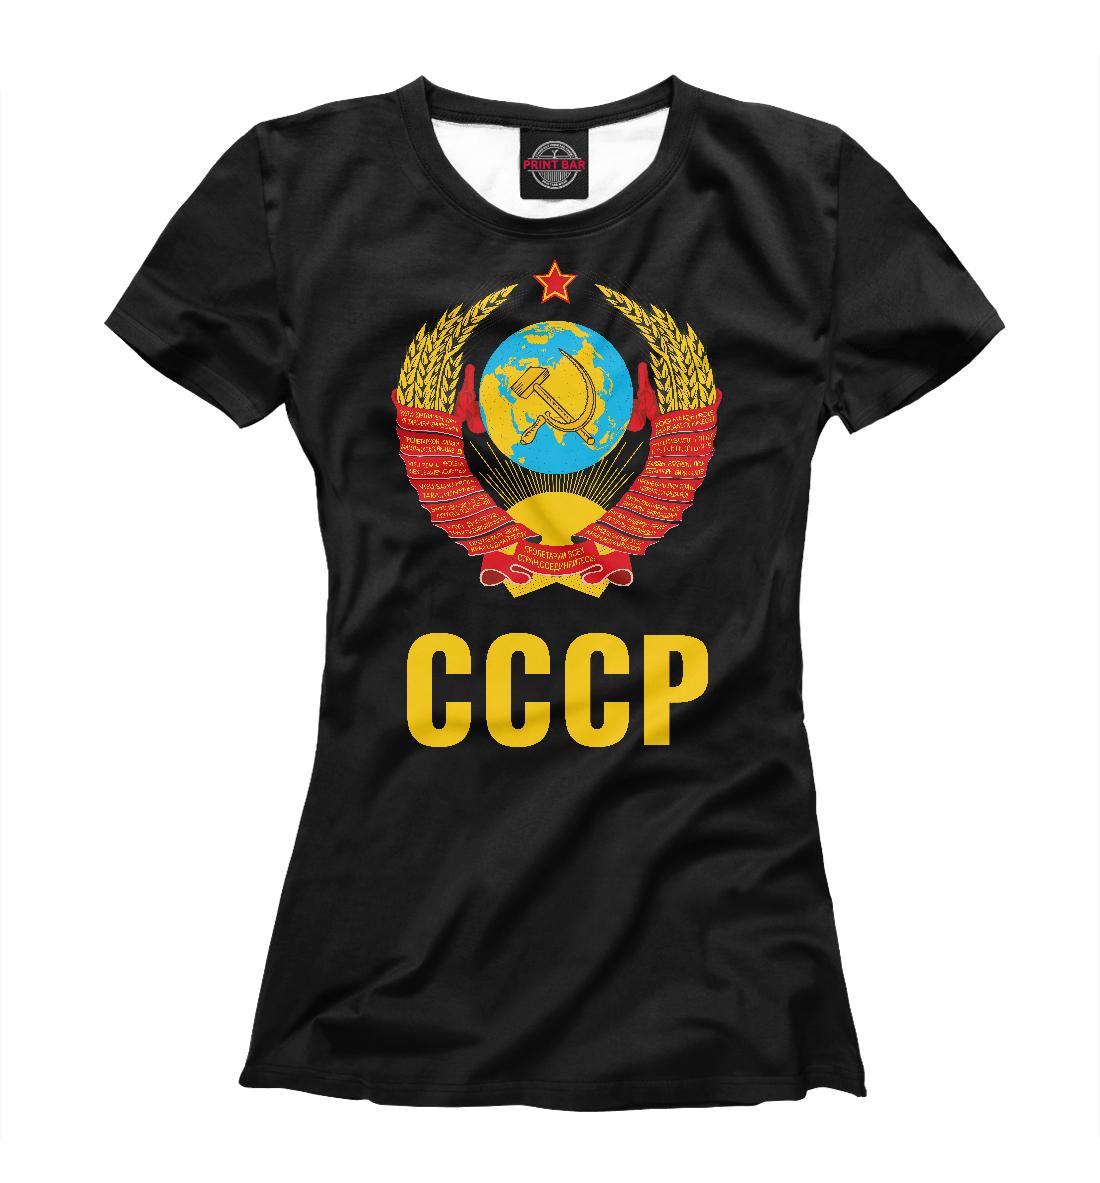 Купить СССР черная, Printbar, Футболки, SSS-358923-fut-1